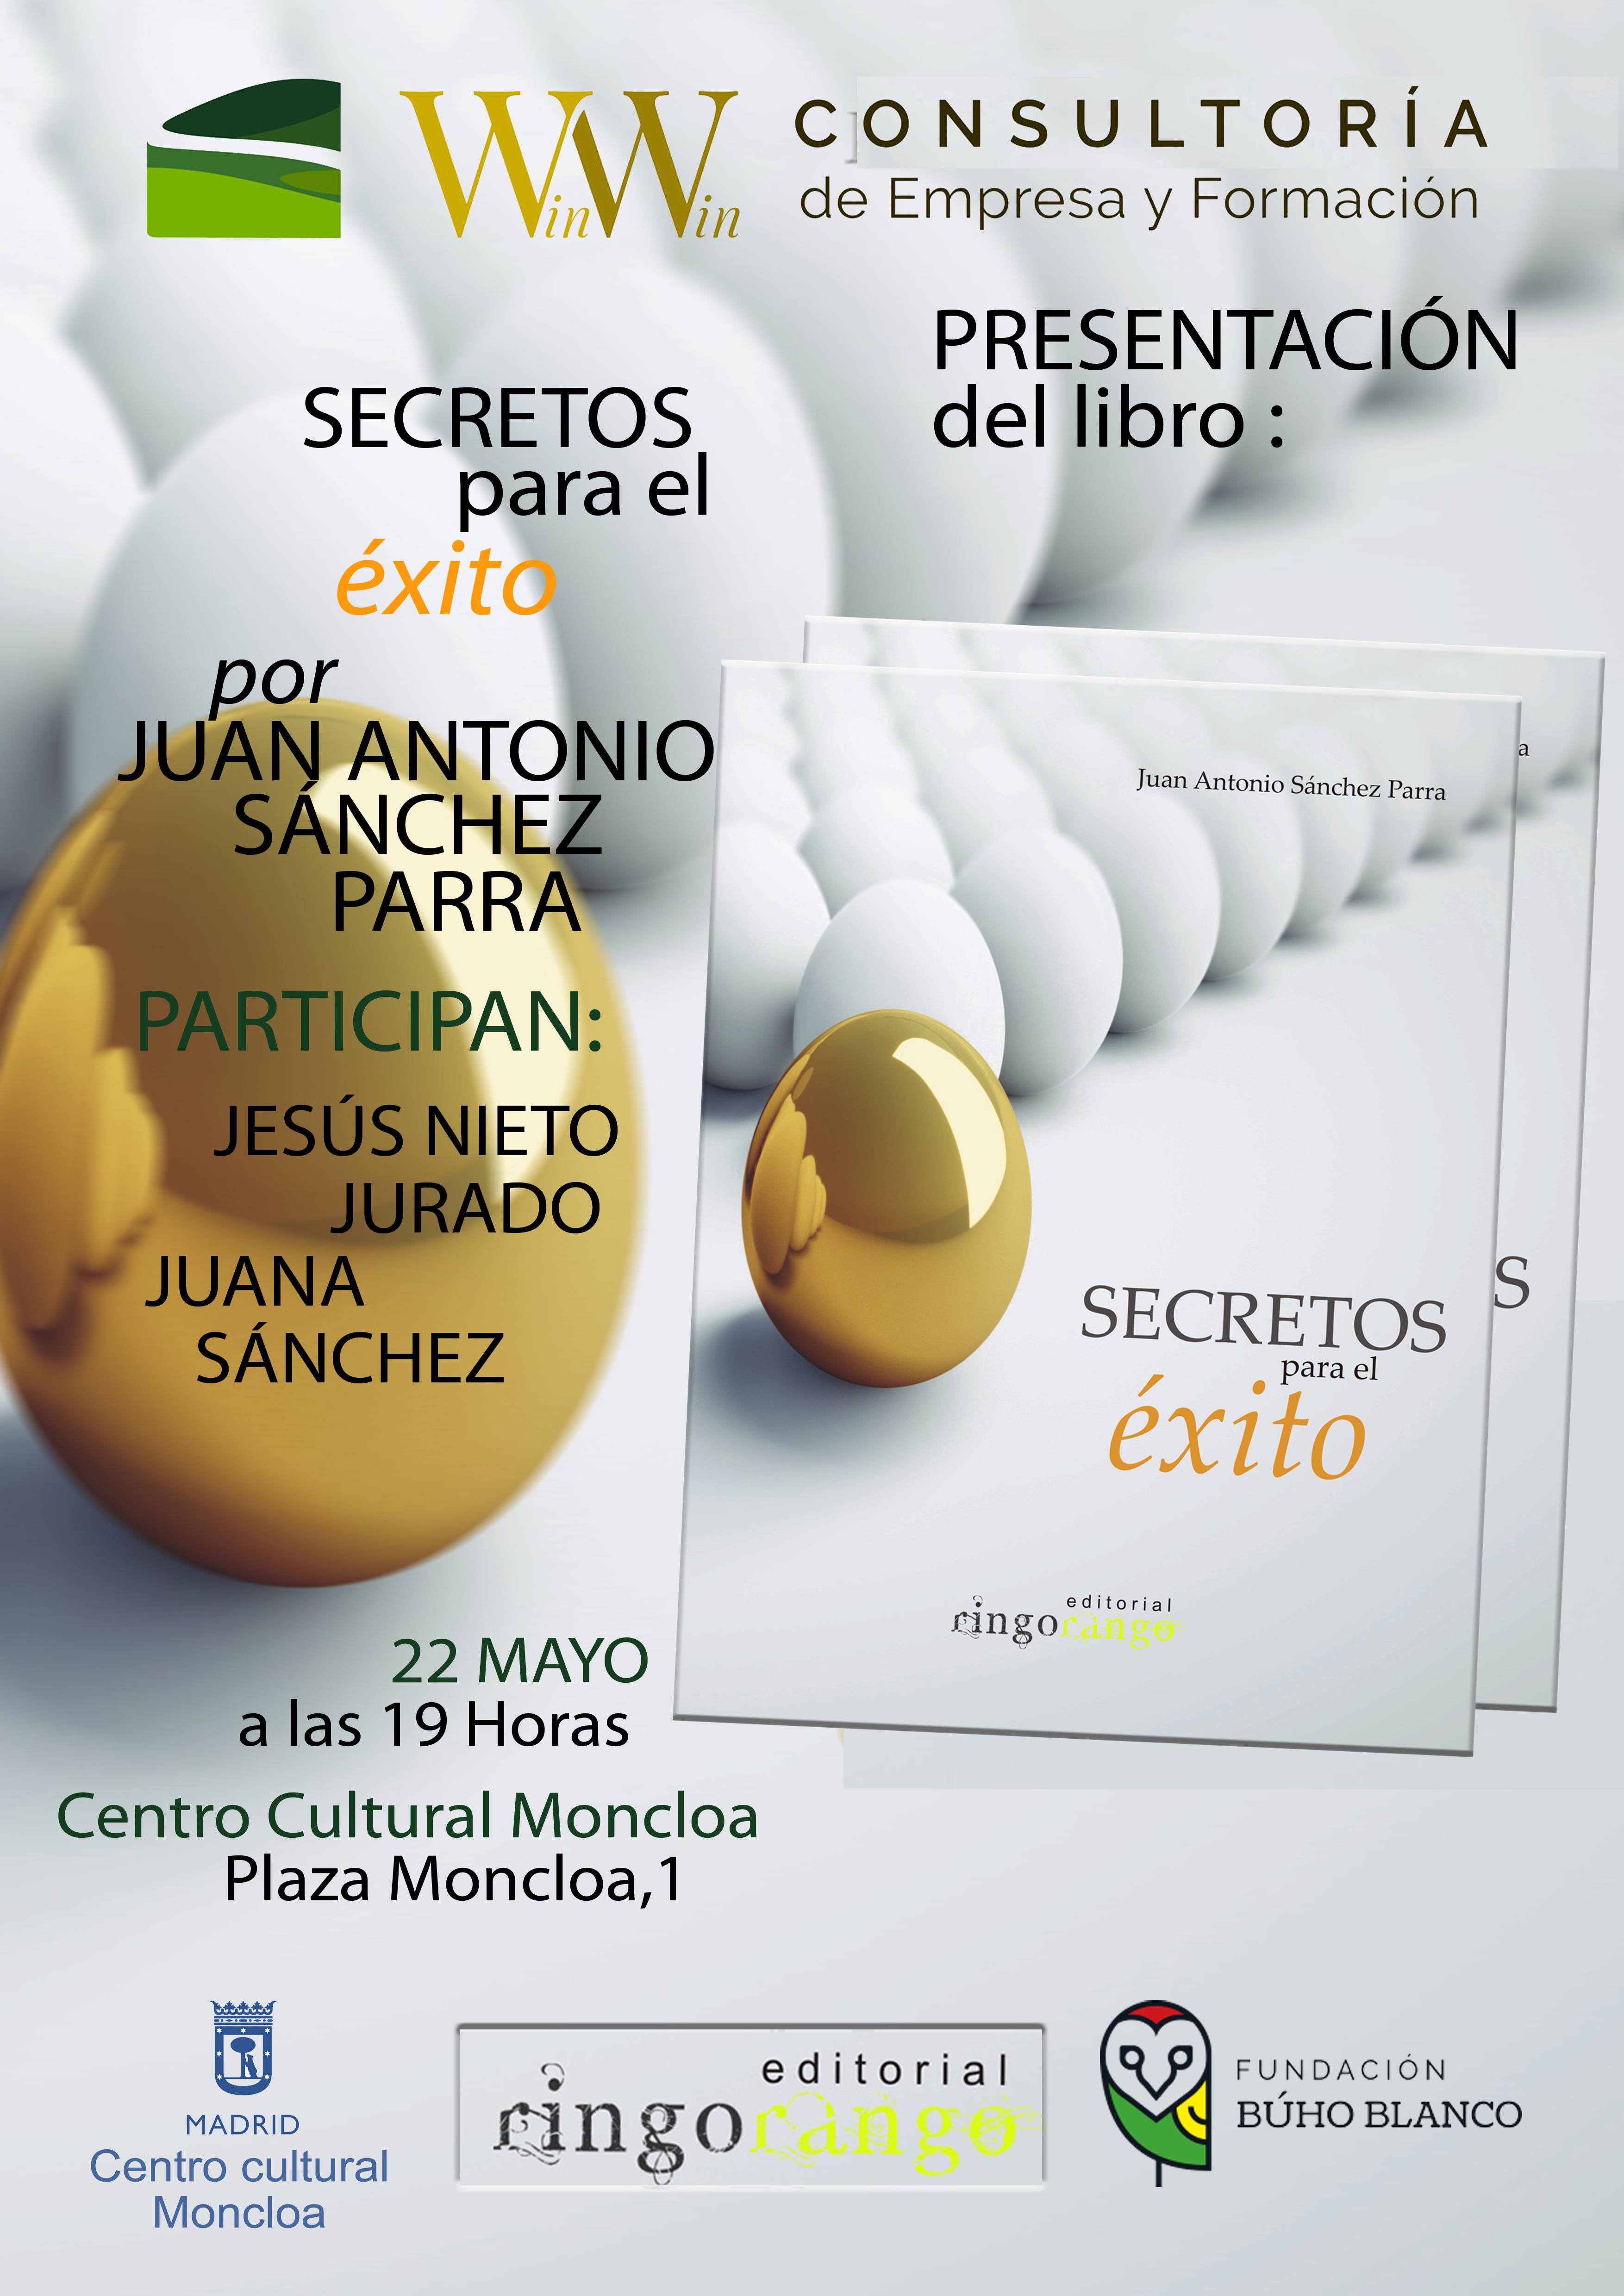 Win Win Consultoría Cartel Presentación Madrid